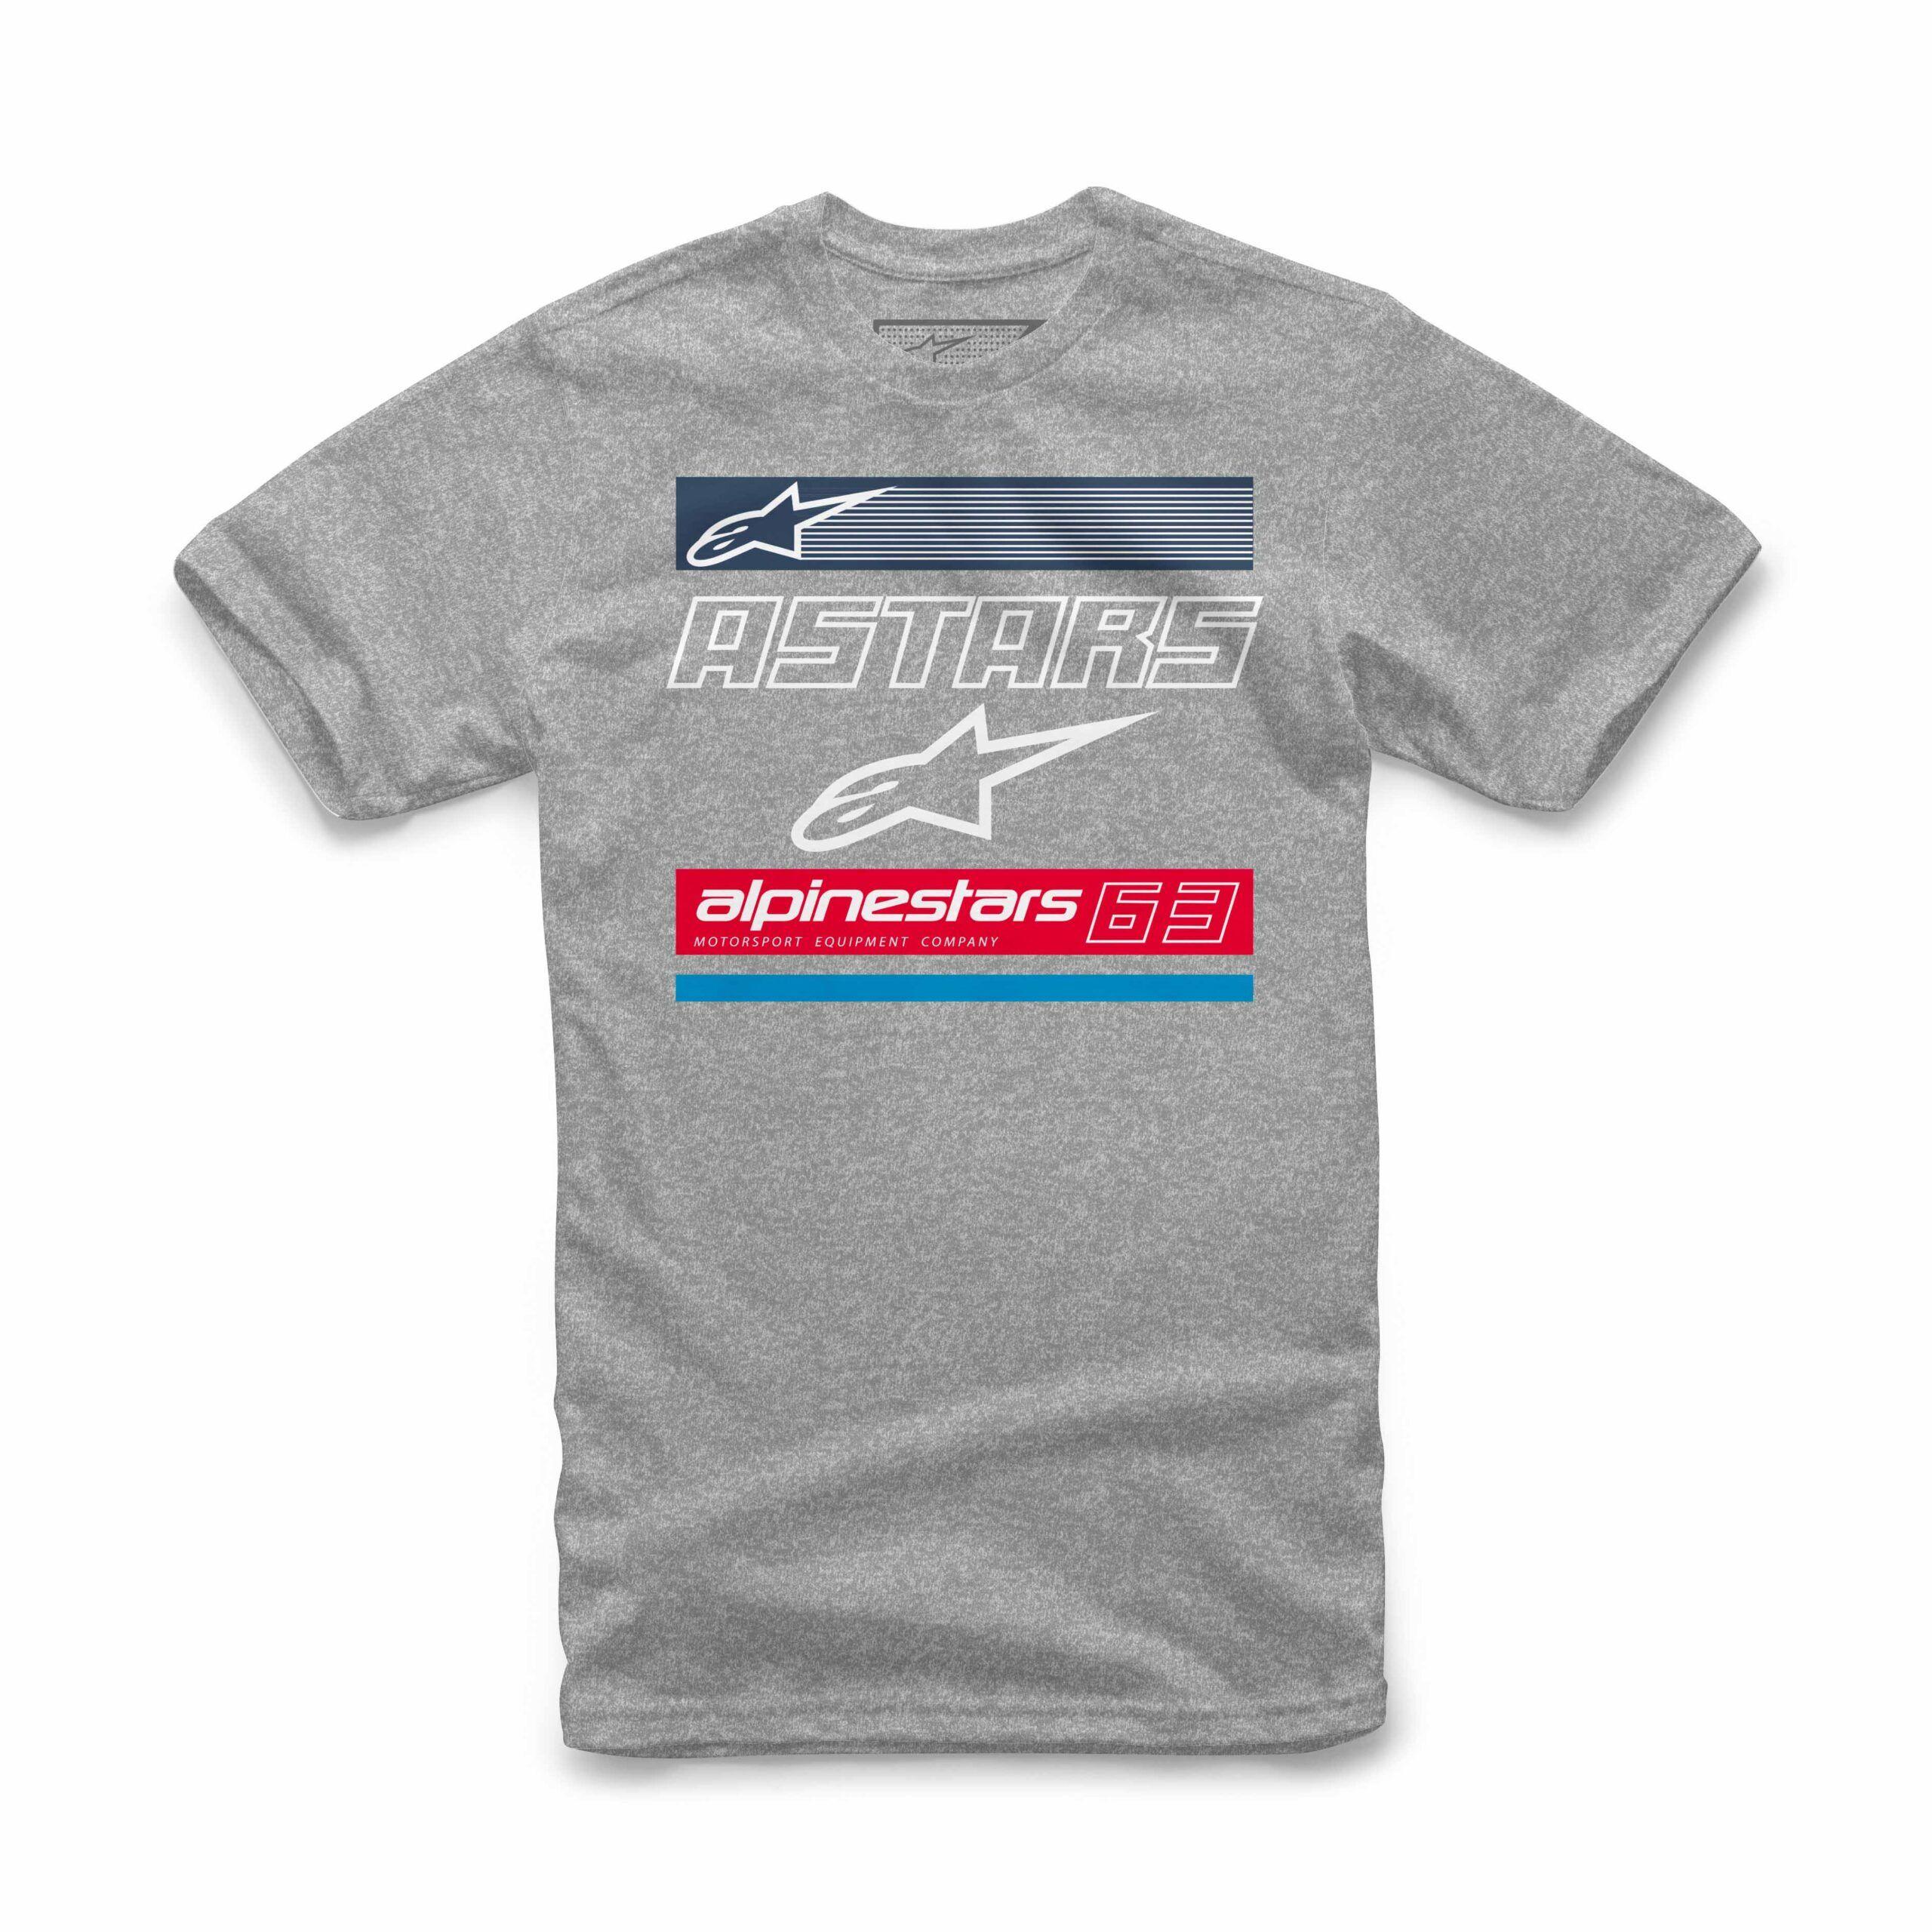 Alpinestars Astars 63 Tee - grijze mannen T-shirt